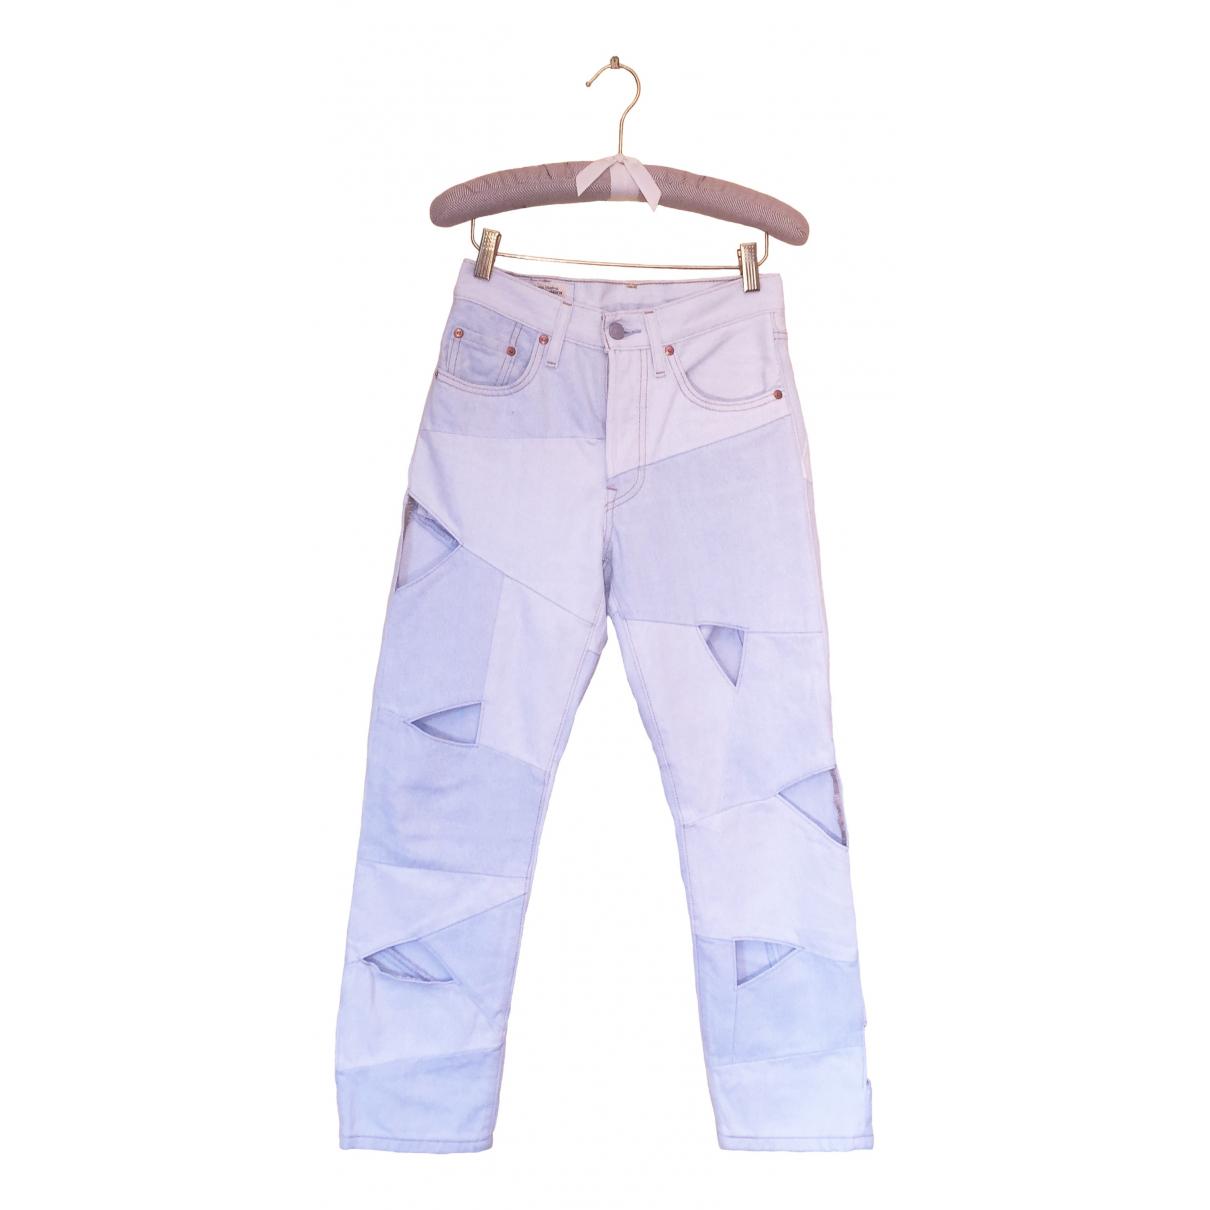 Levi's 501 Blue Denim - Jeans Jeans for Women 24 US